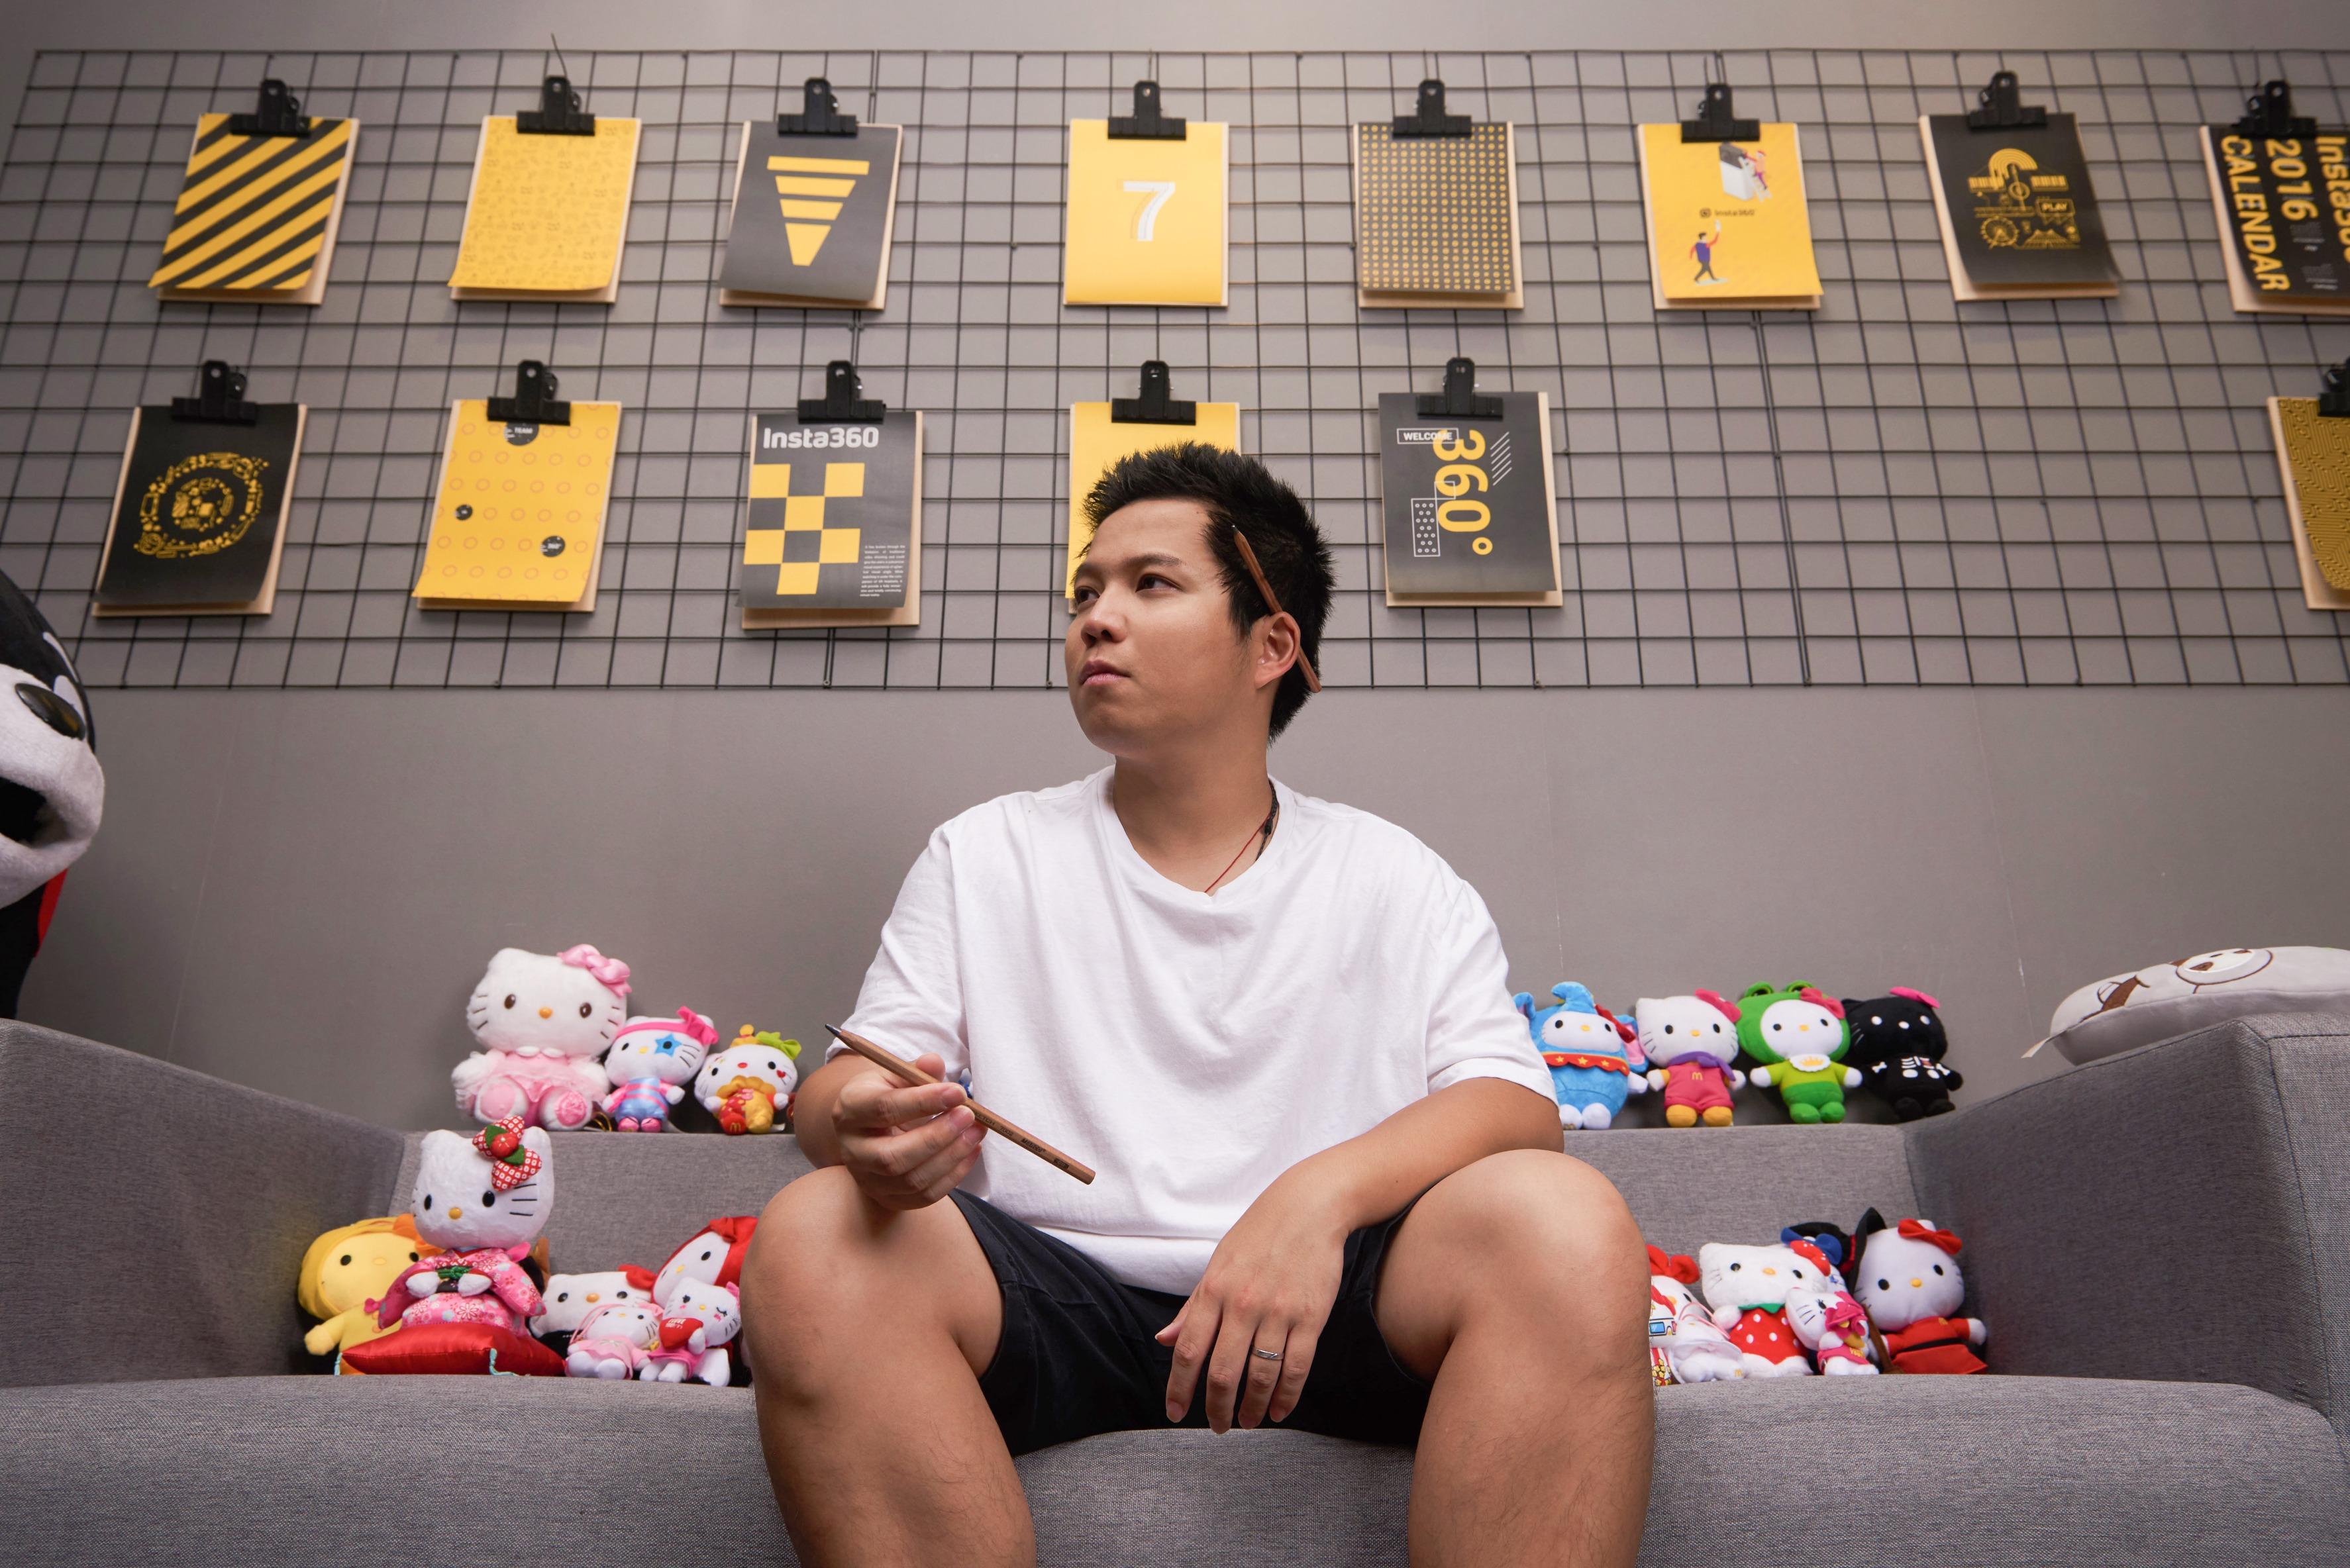 【FBEC2020】专访Insta360影石创始人刘靖康:如何用5年实现全景突围